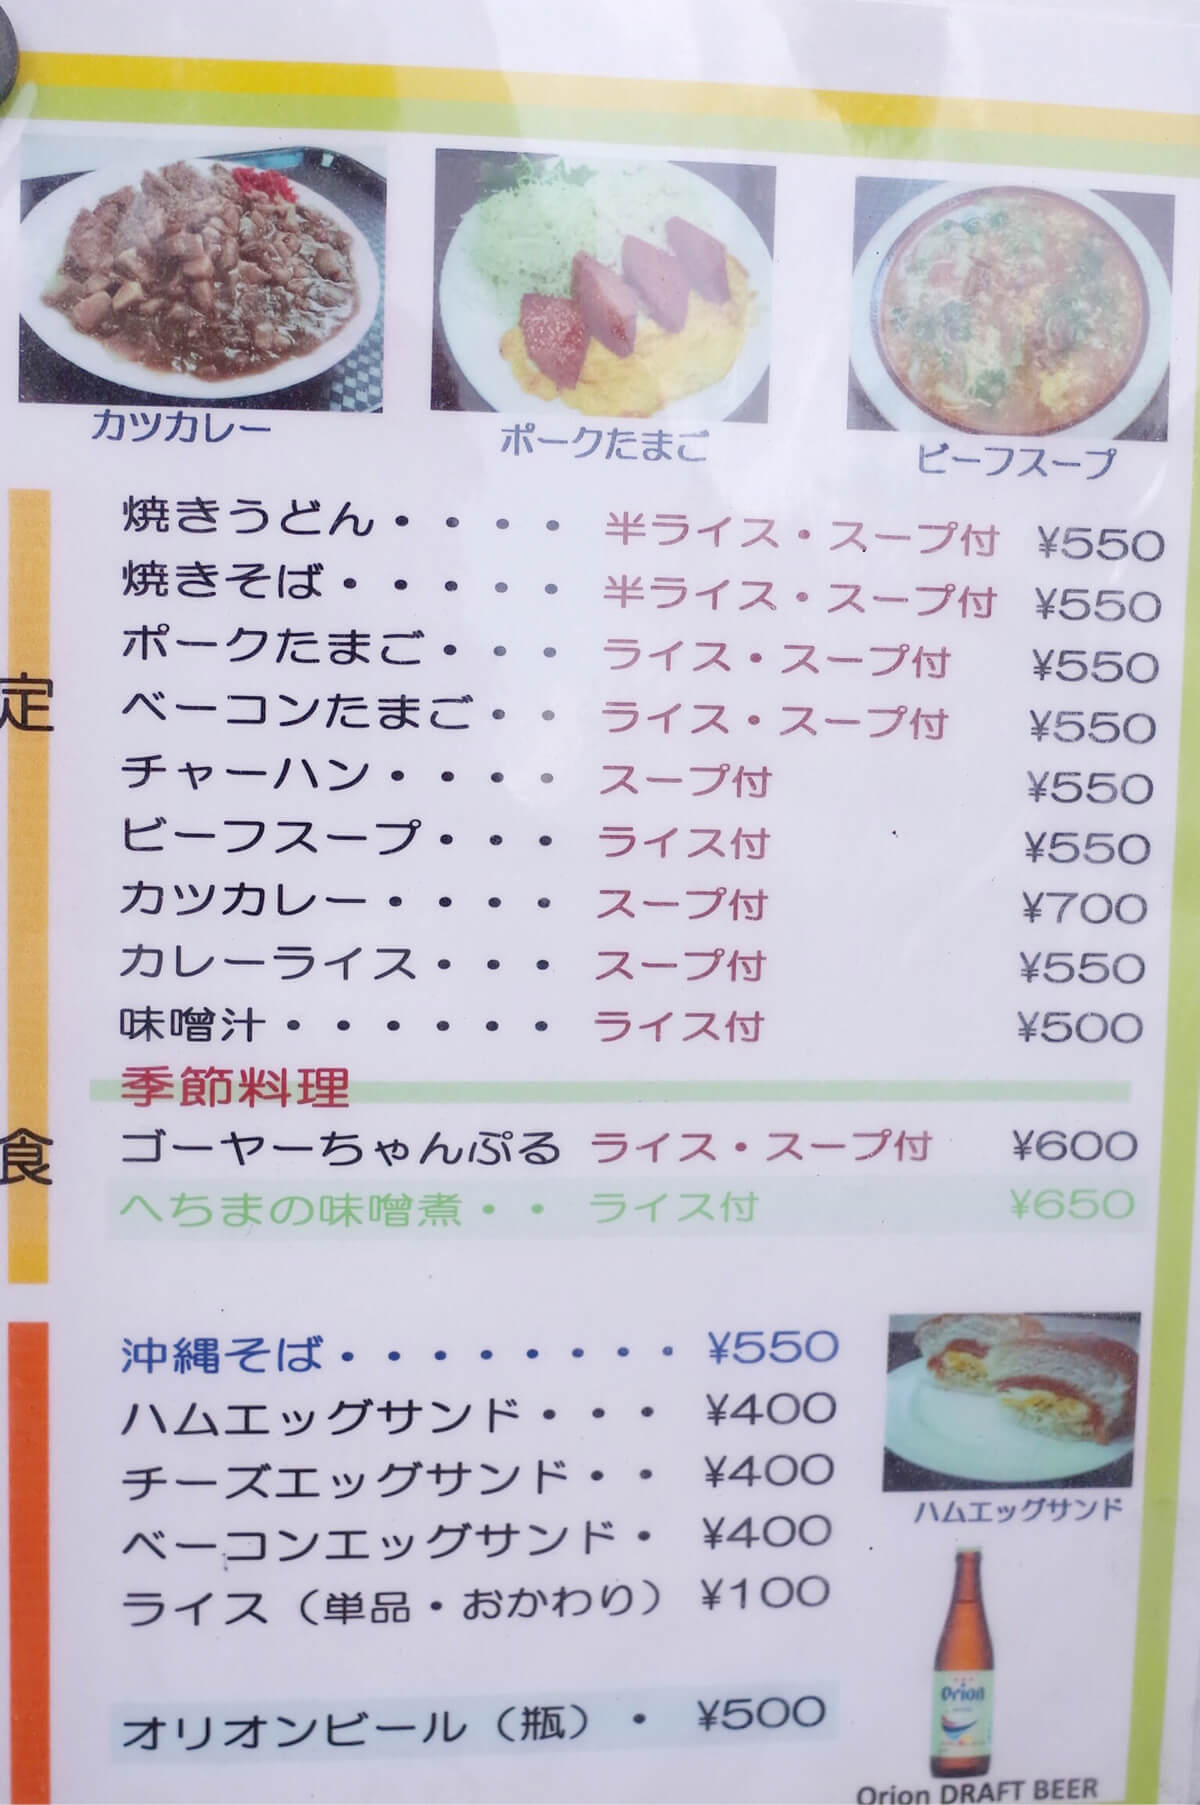 那覇市 県庁前 三笠 メニュー